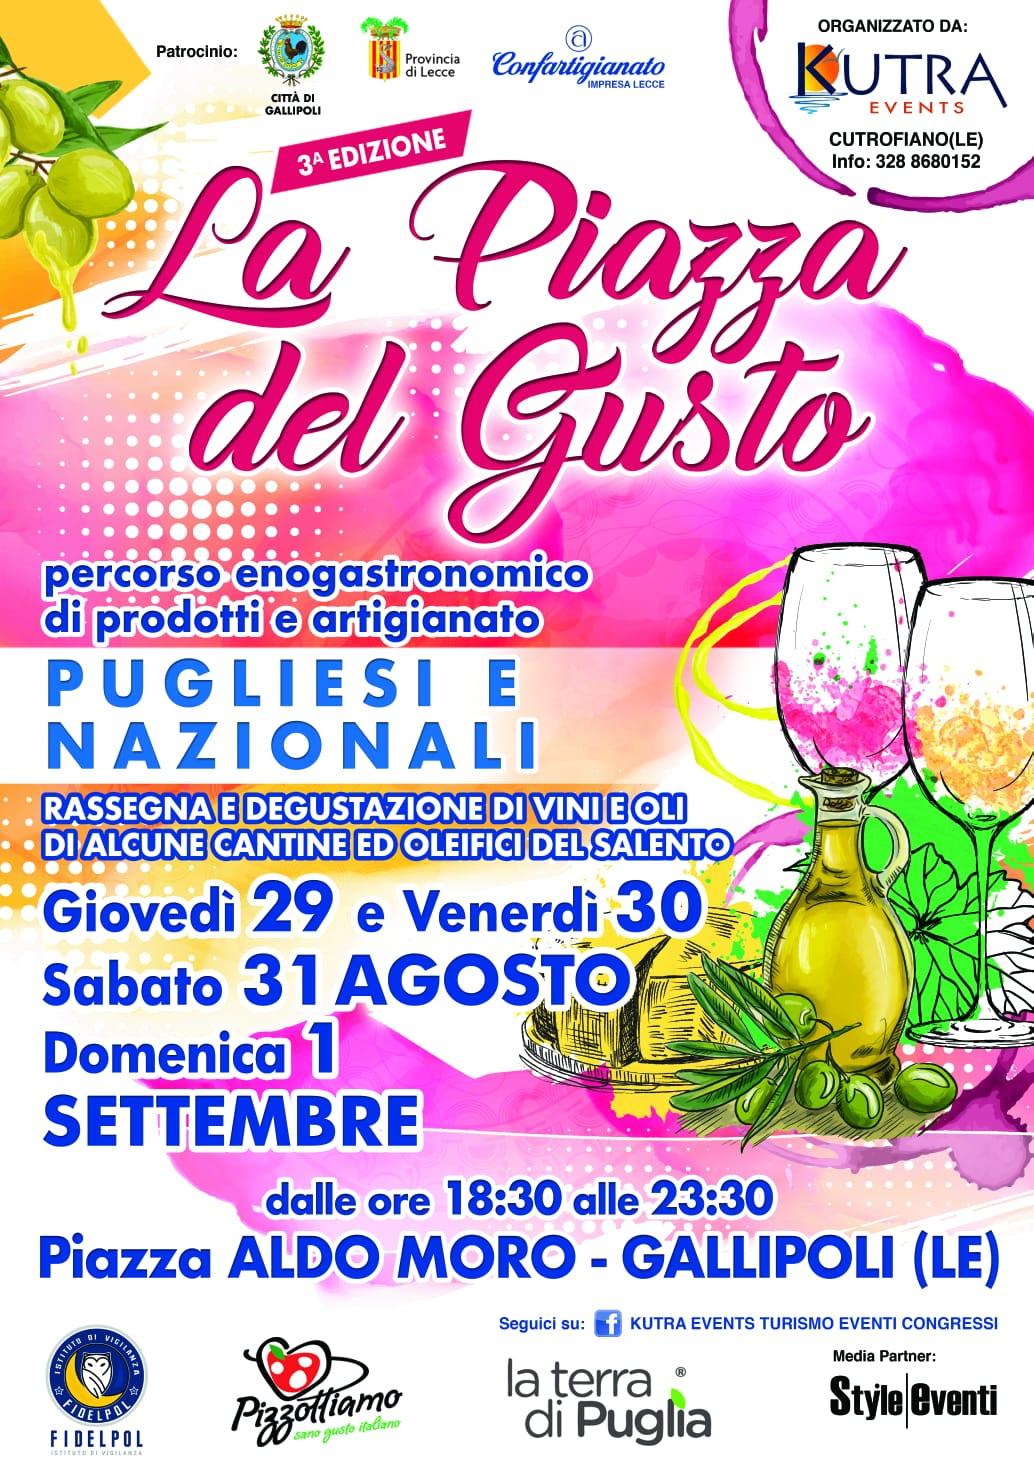 La piazza del gusto Gallipoli – La Terra di Puglia